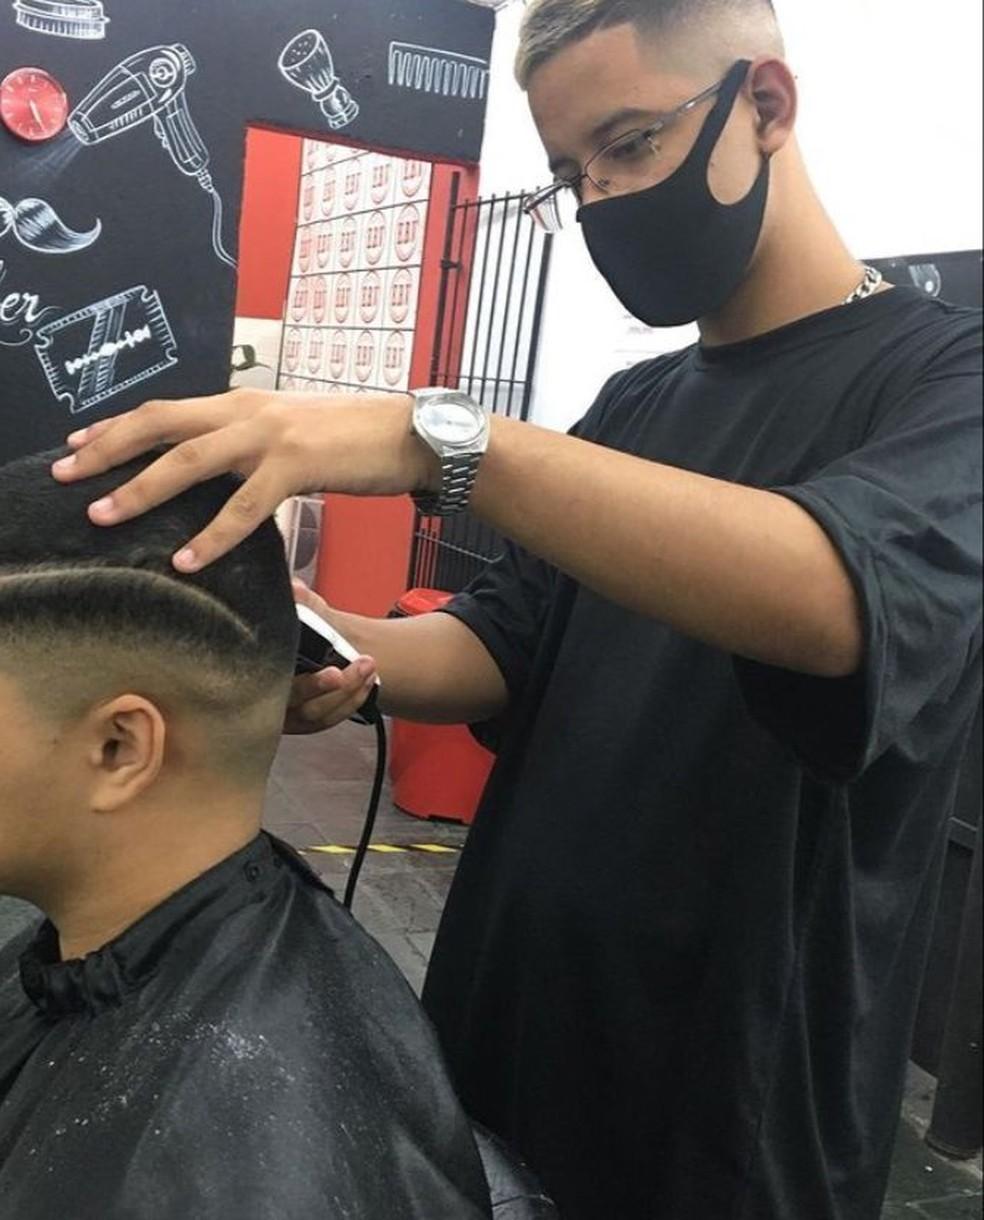 Jovem trabalha em barbearia de terça a sábado e se dedica a ato solidário aos domingos e segunda. Na foto, ele está em seu trabalho  — Foto: Arquivo pessoal